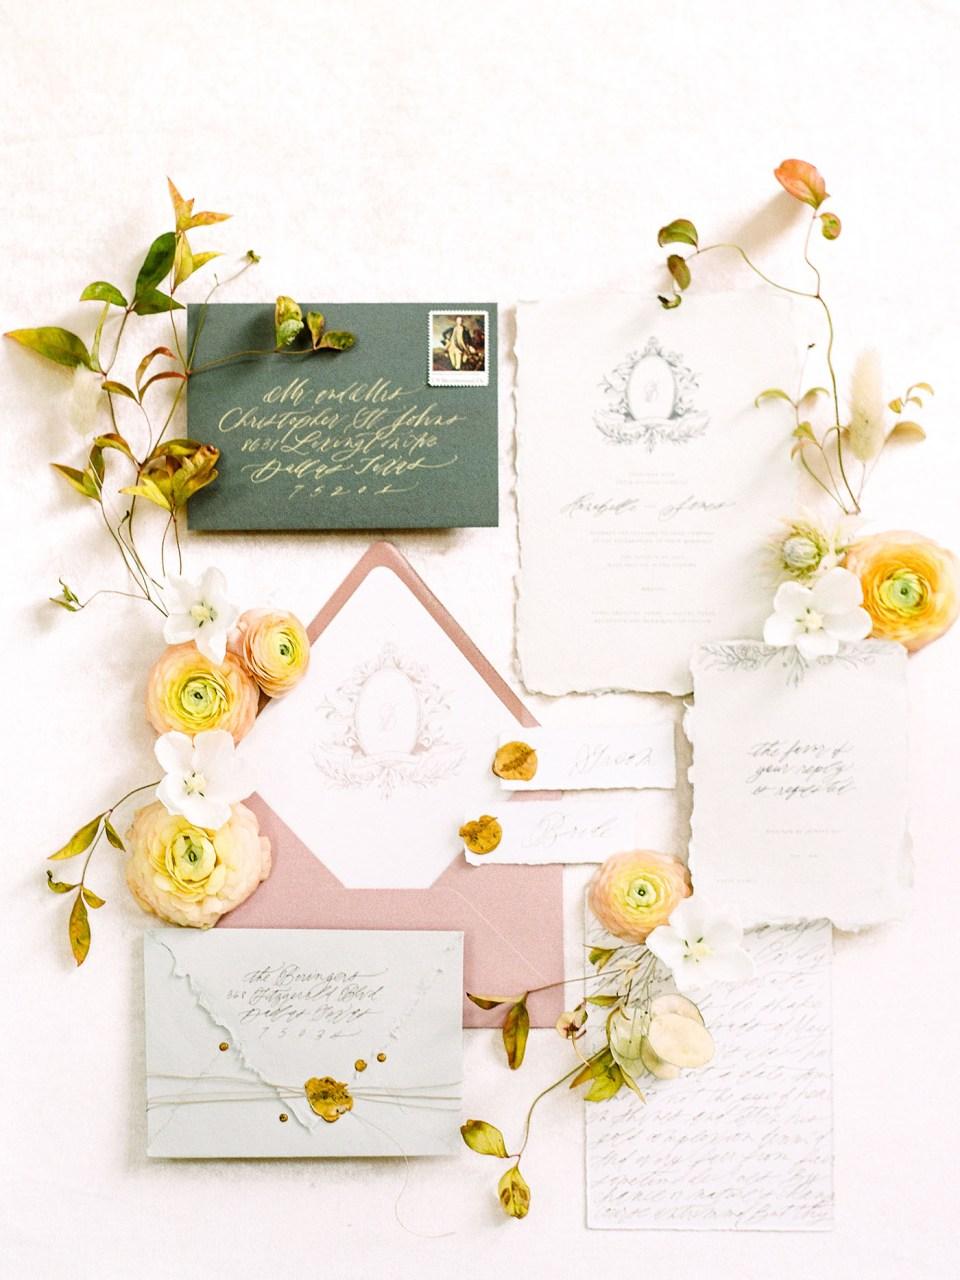 Fine Art Wedding Invitation Suite Design - Sarah Ann Design - Magnolia Rouge Feature